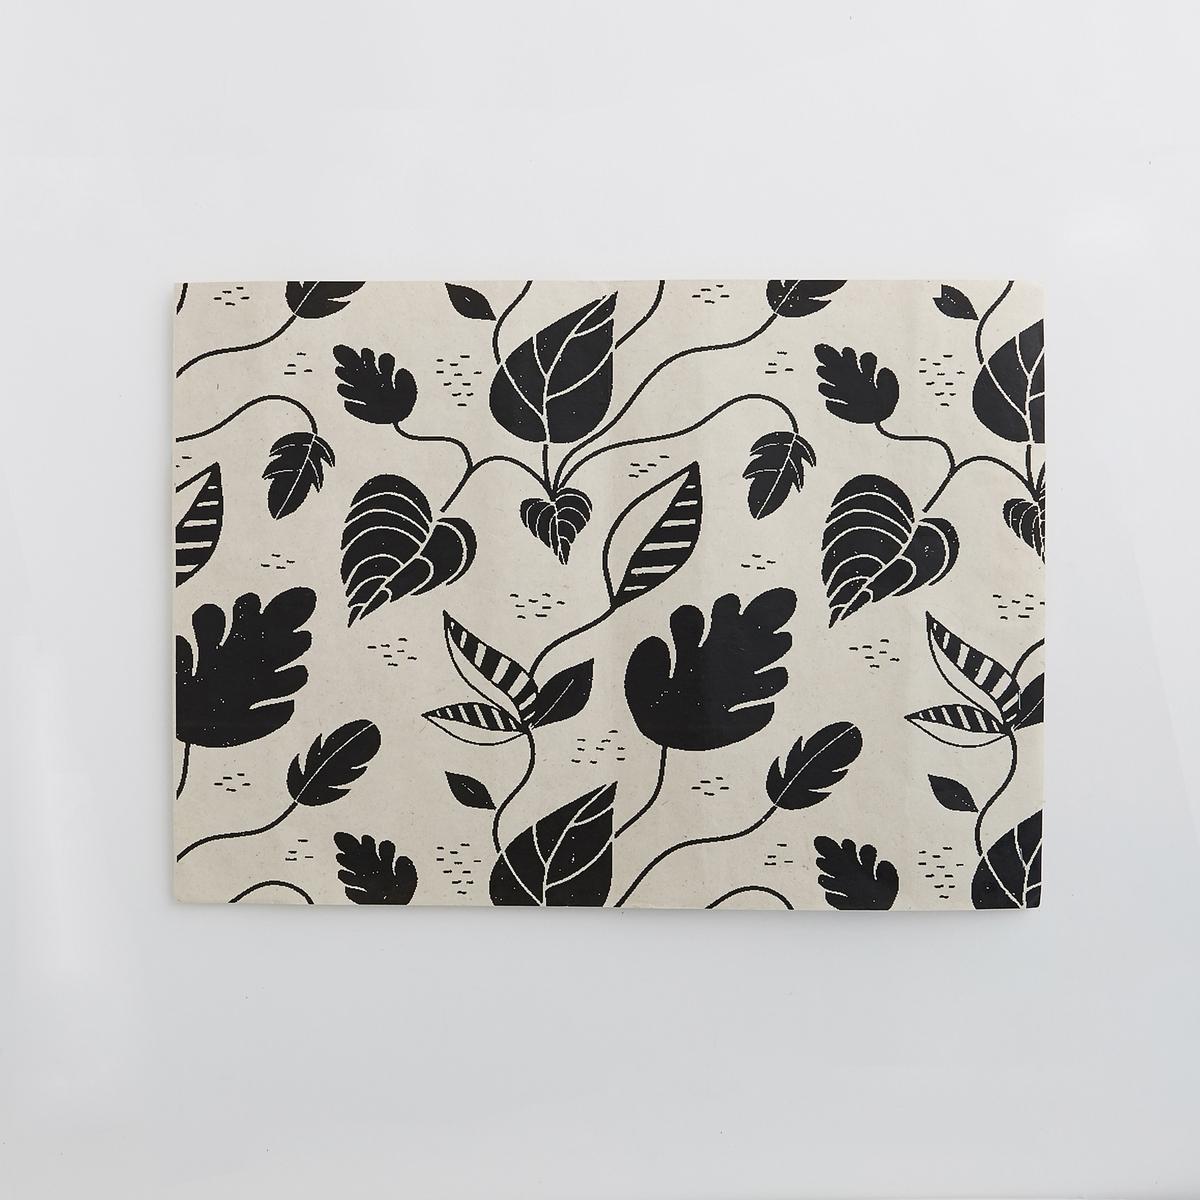 Комплект из 4 одноразовых столовых наборов Foliole4 столовых набора Foliole. Одноразовые, из переработанного картона с красивым рисунком арабеска. Размеры  : длина 42 x ширина 30 см.<br><br>Цвет: черный/ белый